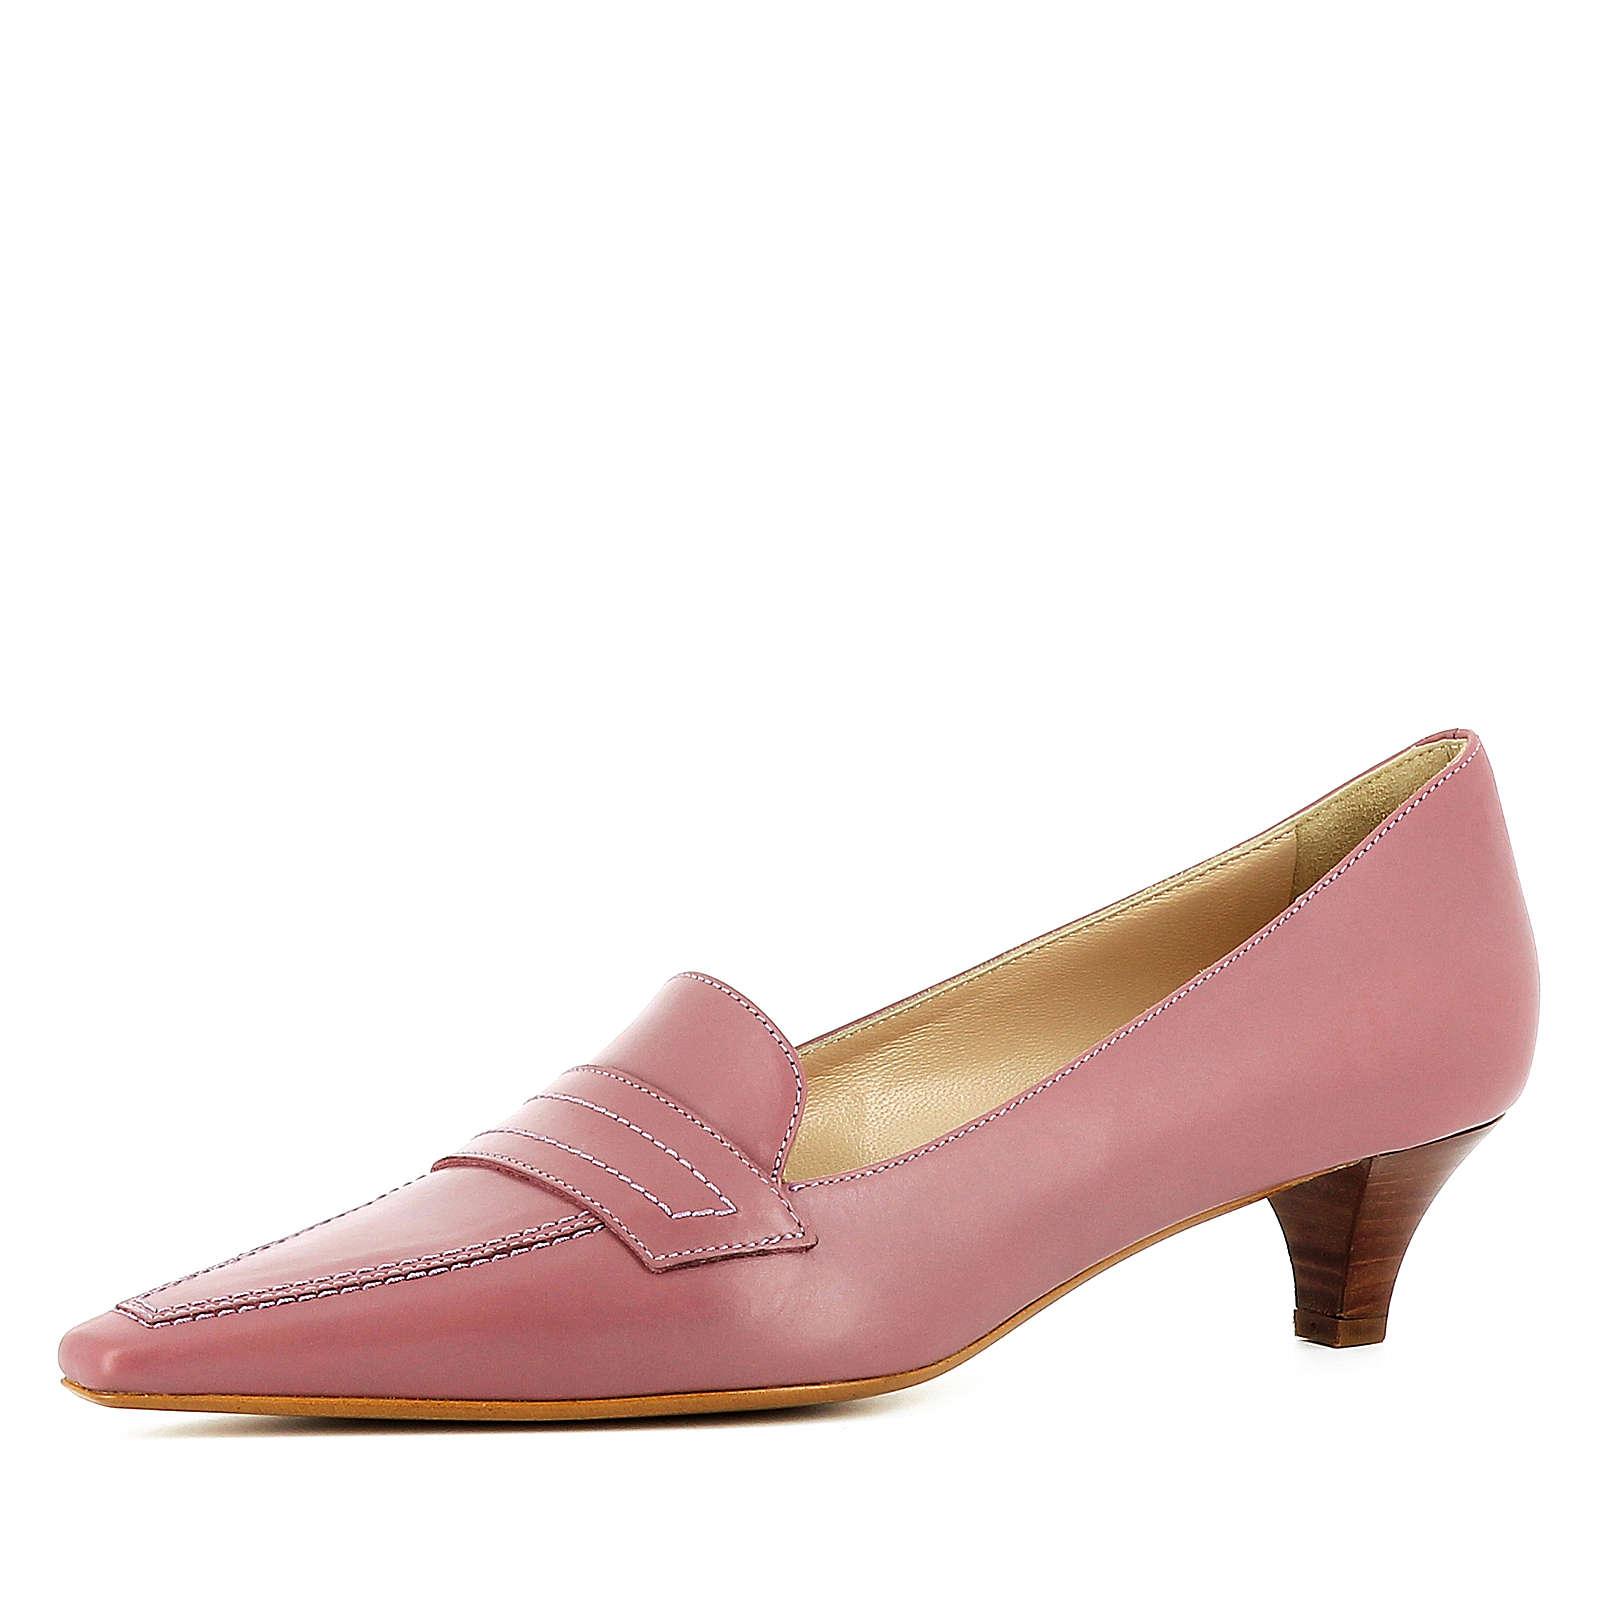 Evita Shoes Pumps rosa Damen Gr. 39